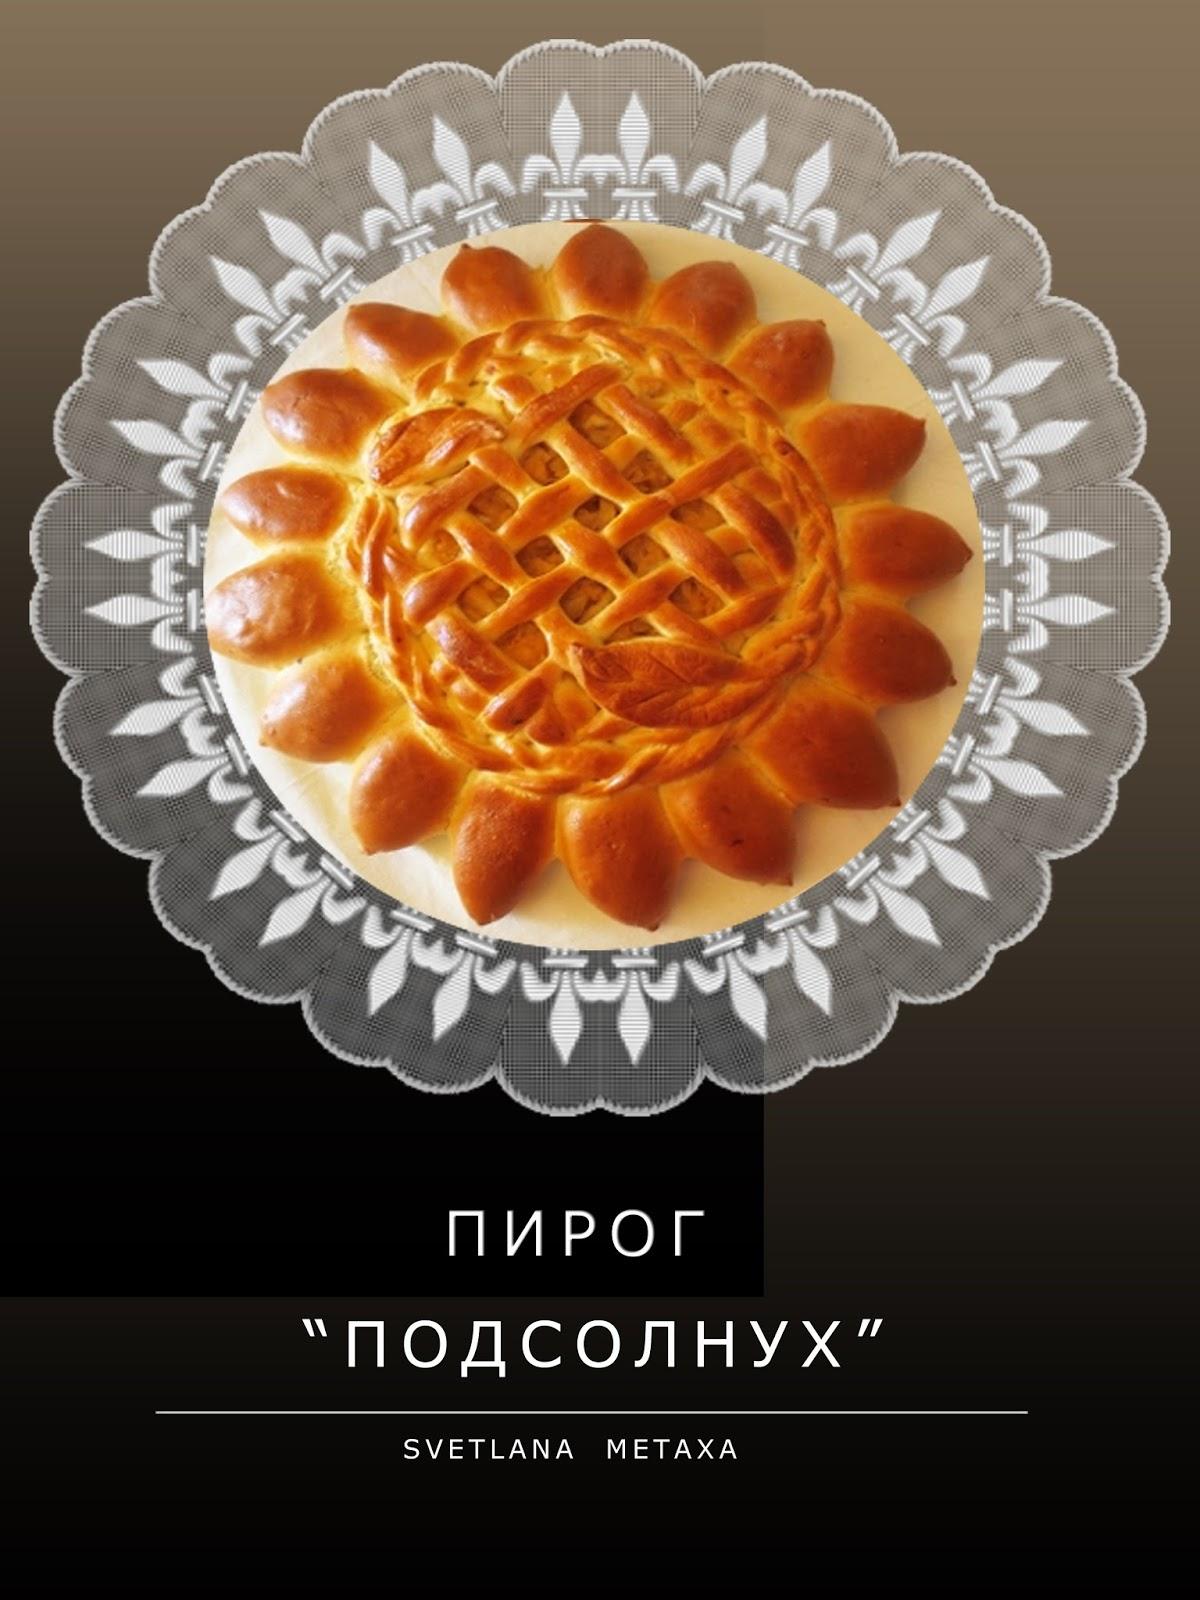 Как сделать красивый пирог из дрожжевого теста видео 11